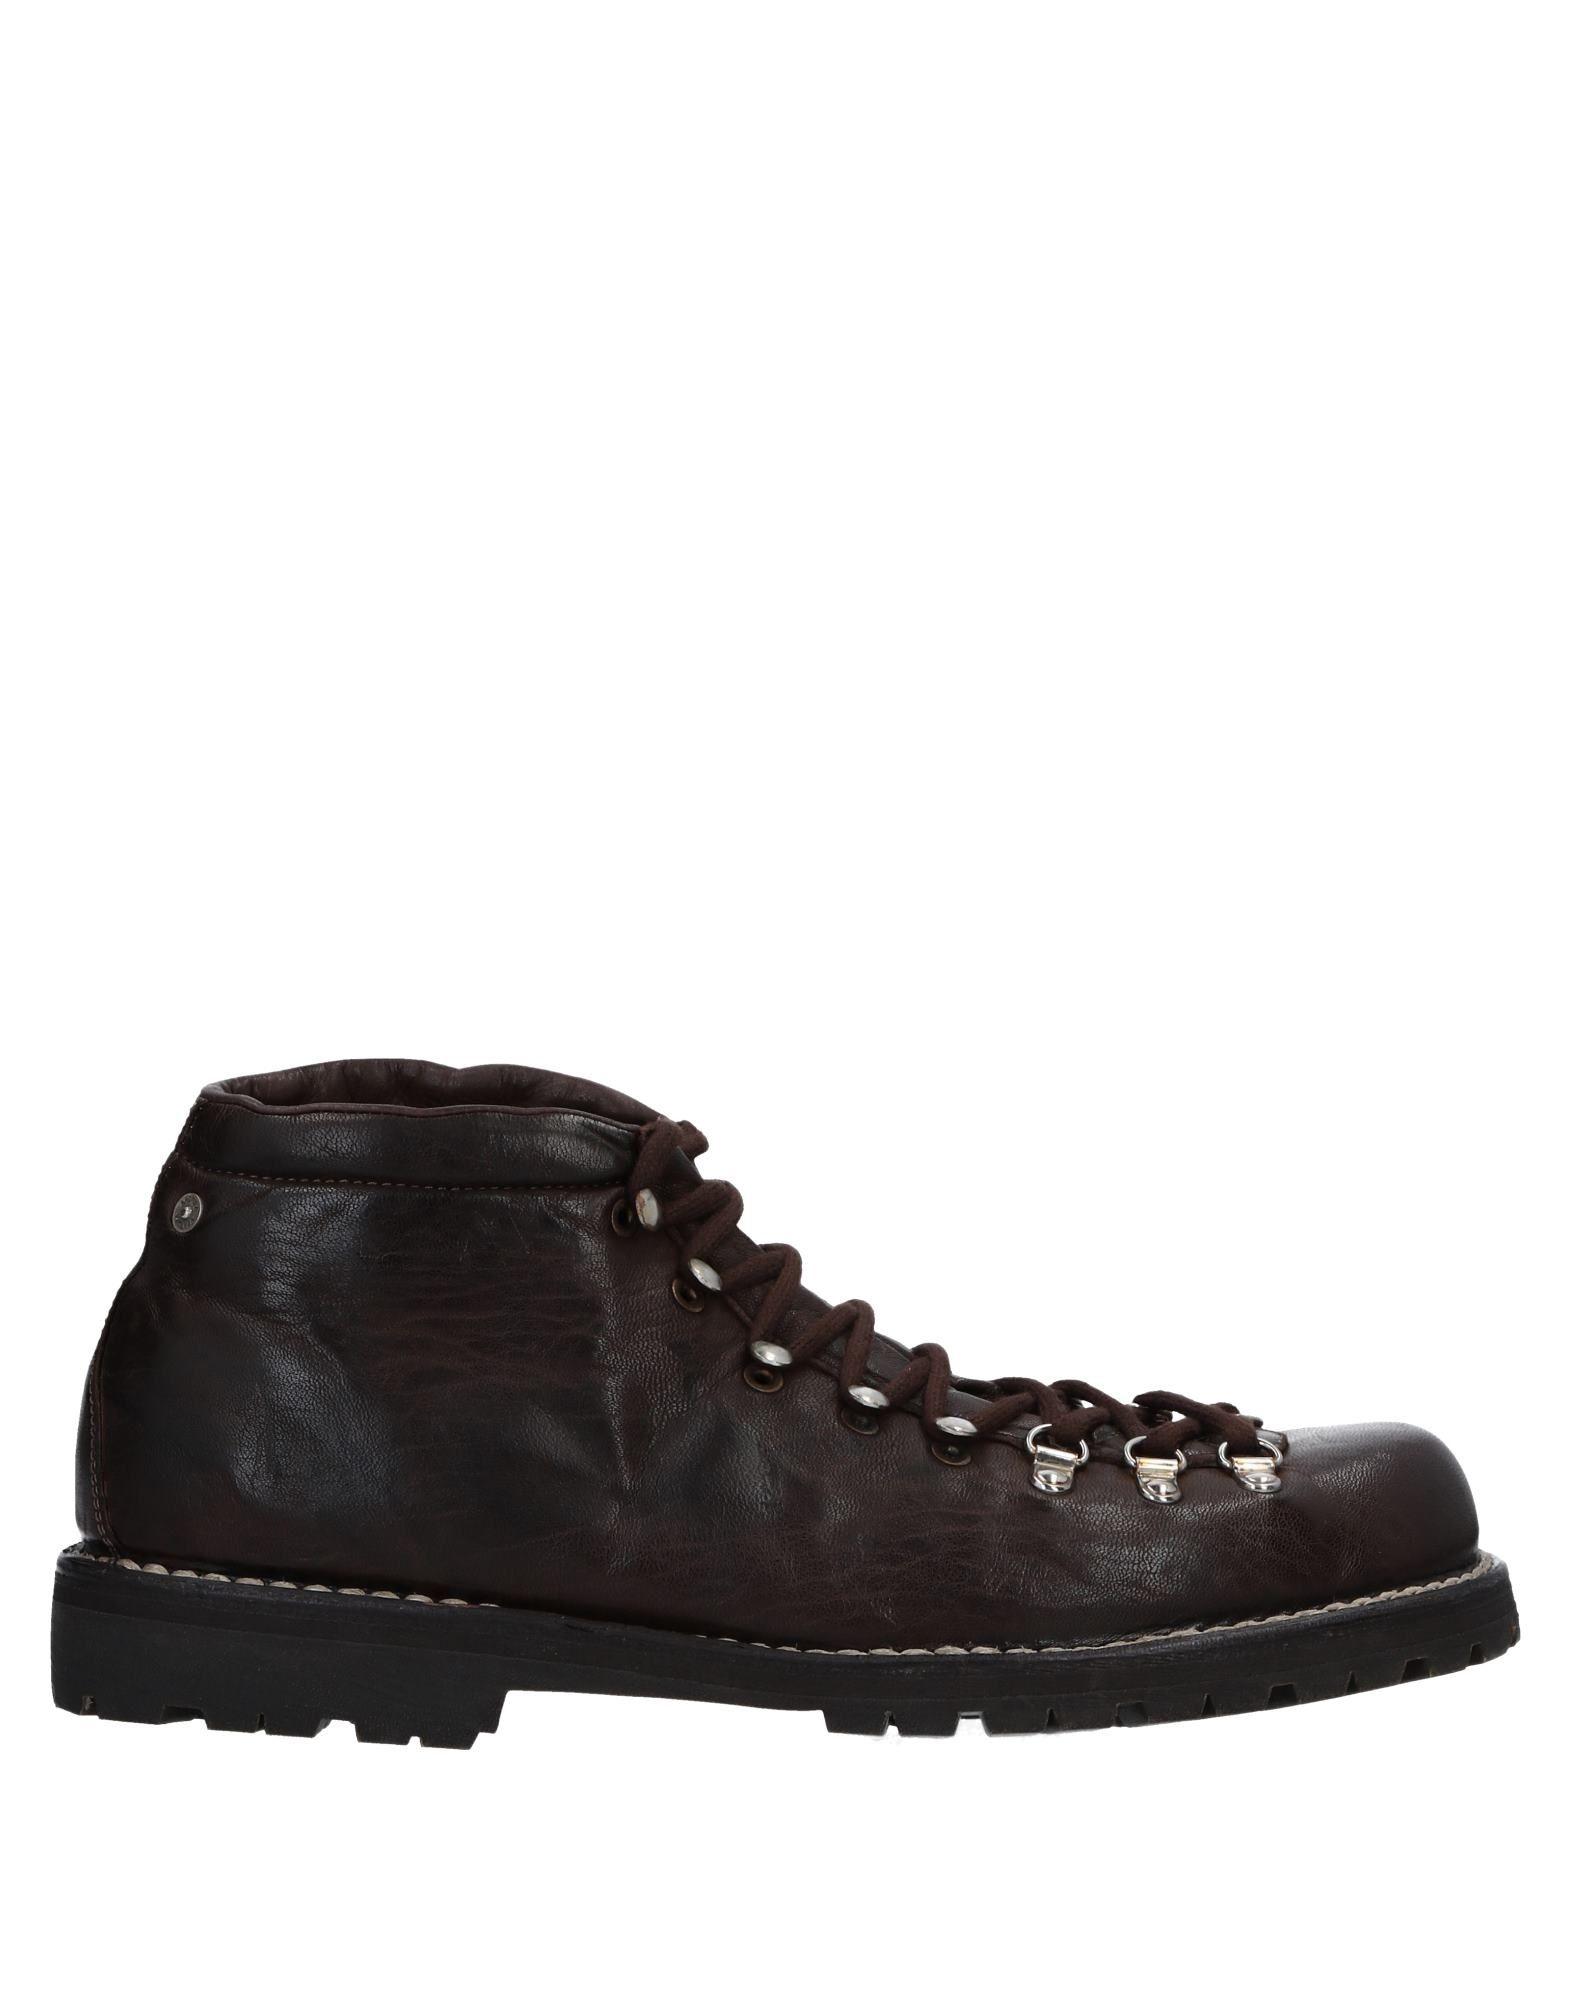 Le Cortina By Andrea Ventura Stiefelette Herren  11280568WM Gute Qualität beliebte Schuhe